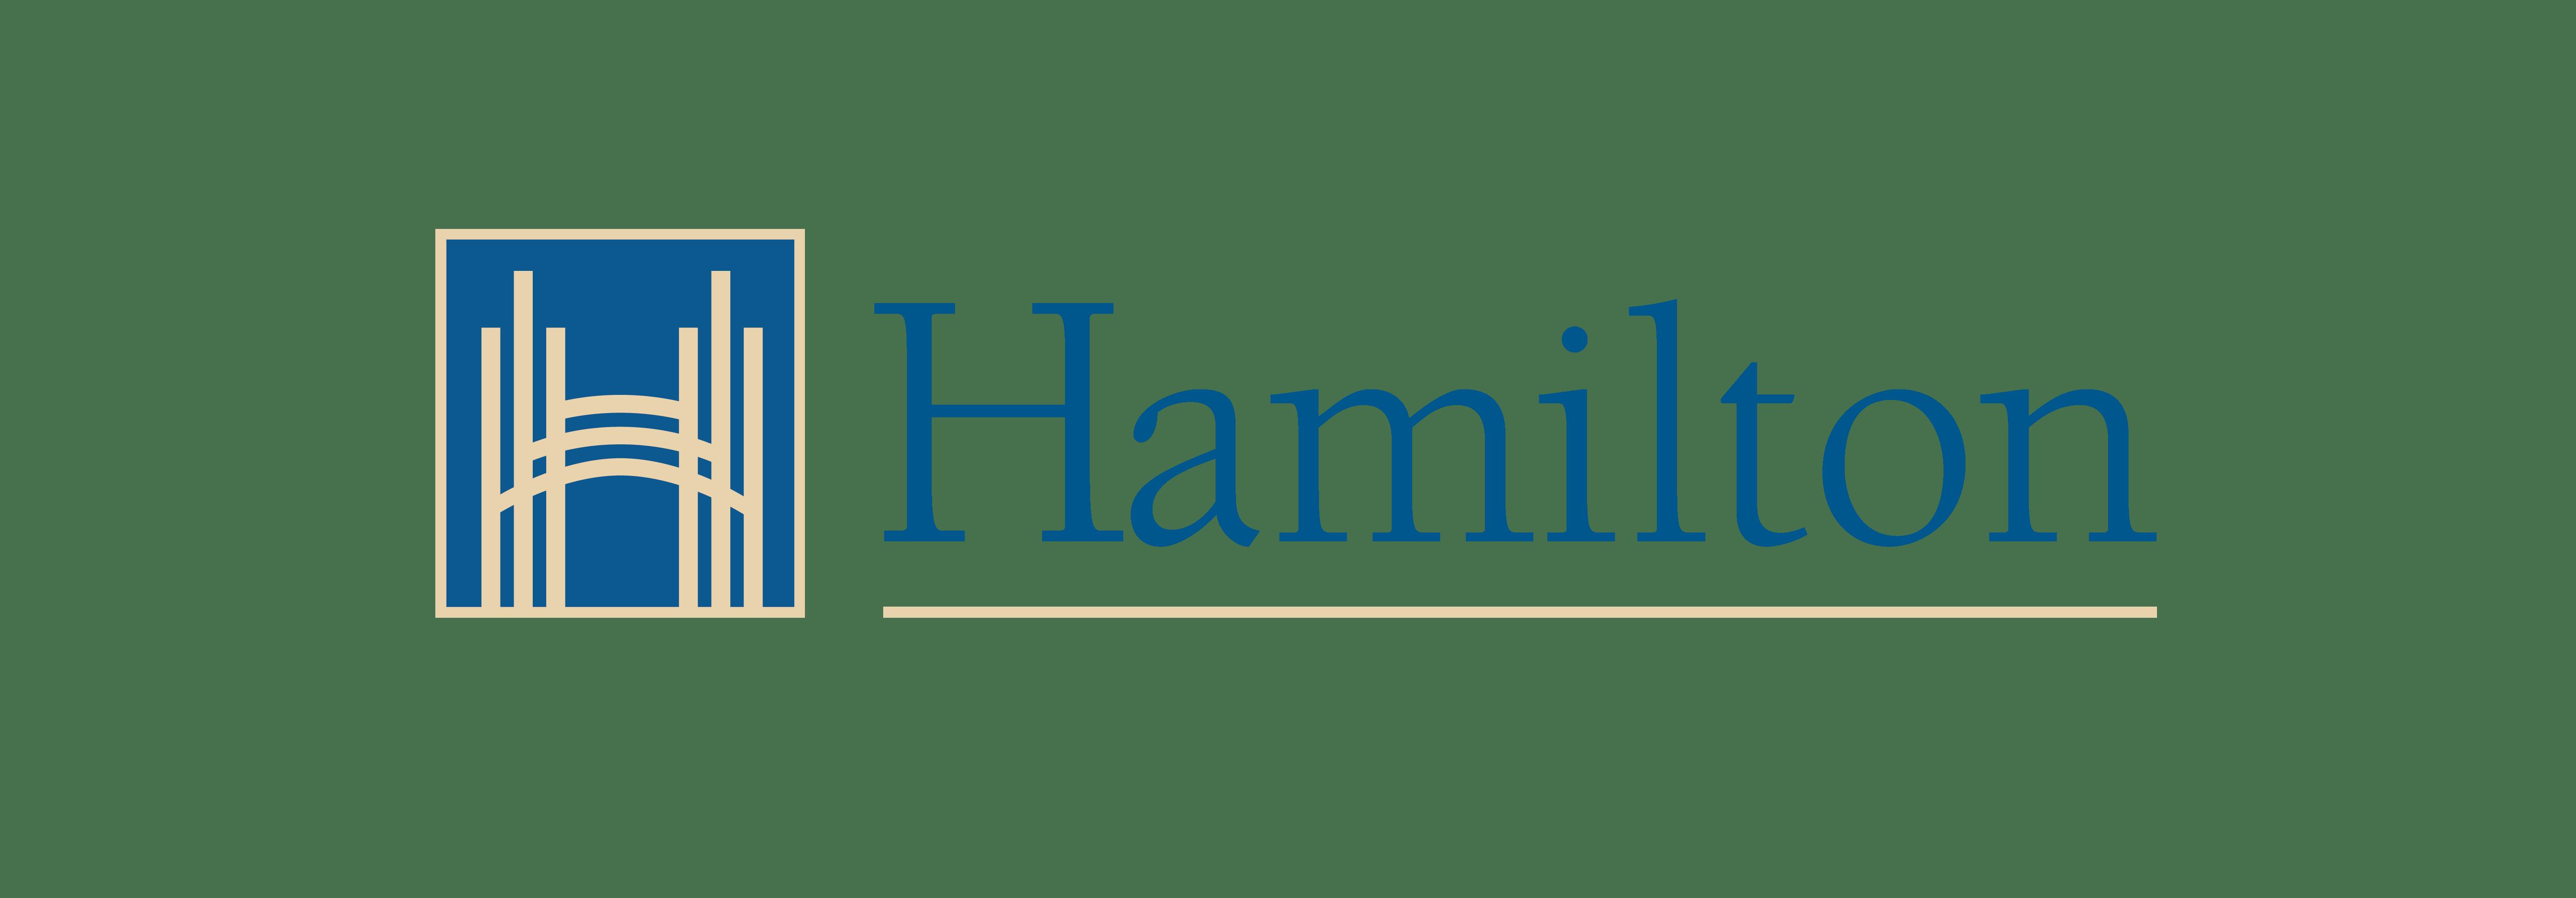 Hamilton horizontal logo ward 8 John-Paul Danko